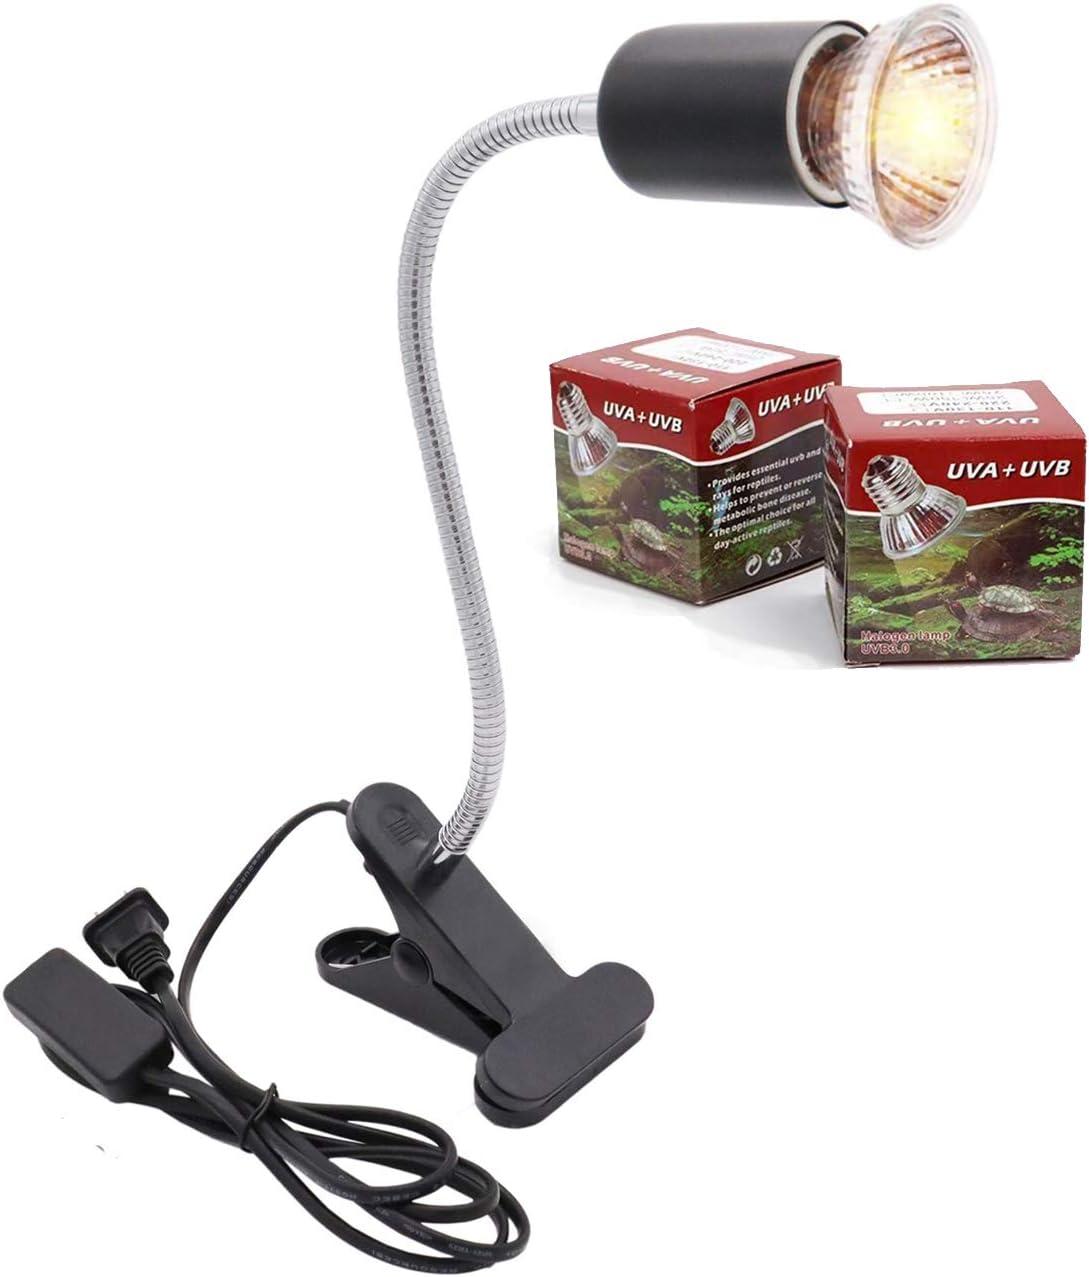 yanhe Tortoise Heat Lamp Basking Light for Aquarium Reptiles E27 UVA+UVB Heat Spotlight for Reptiles Aquarium Reptile Lizards Turtle Snakes 1W-75W black